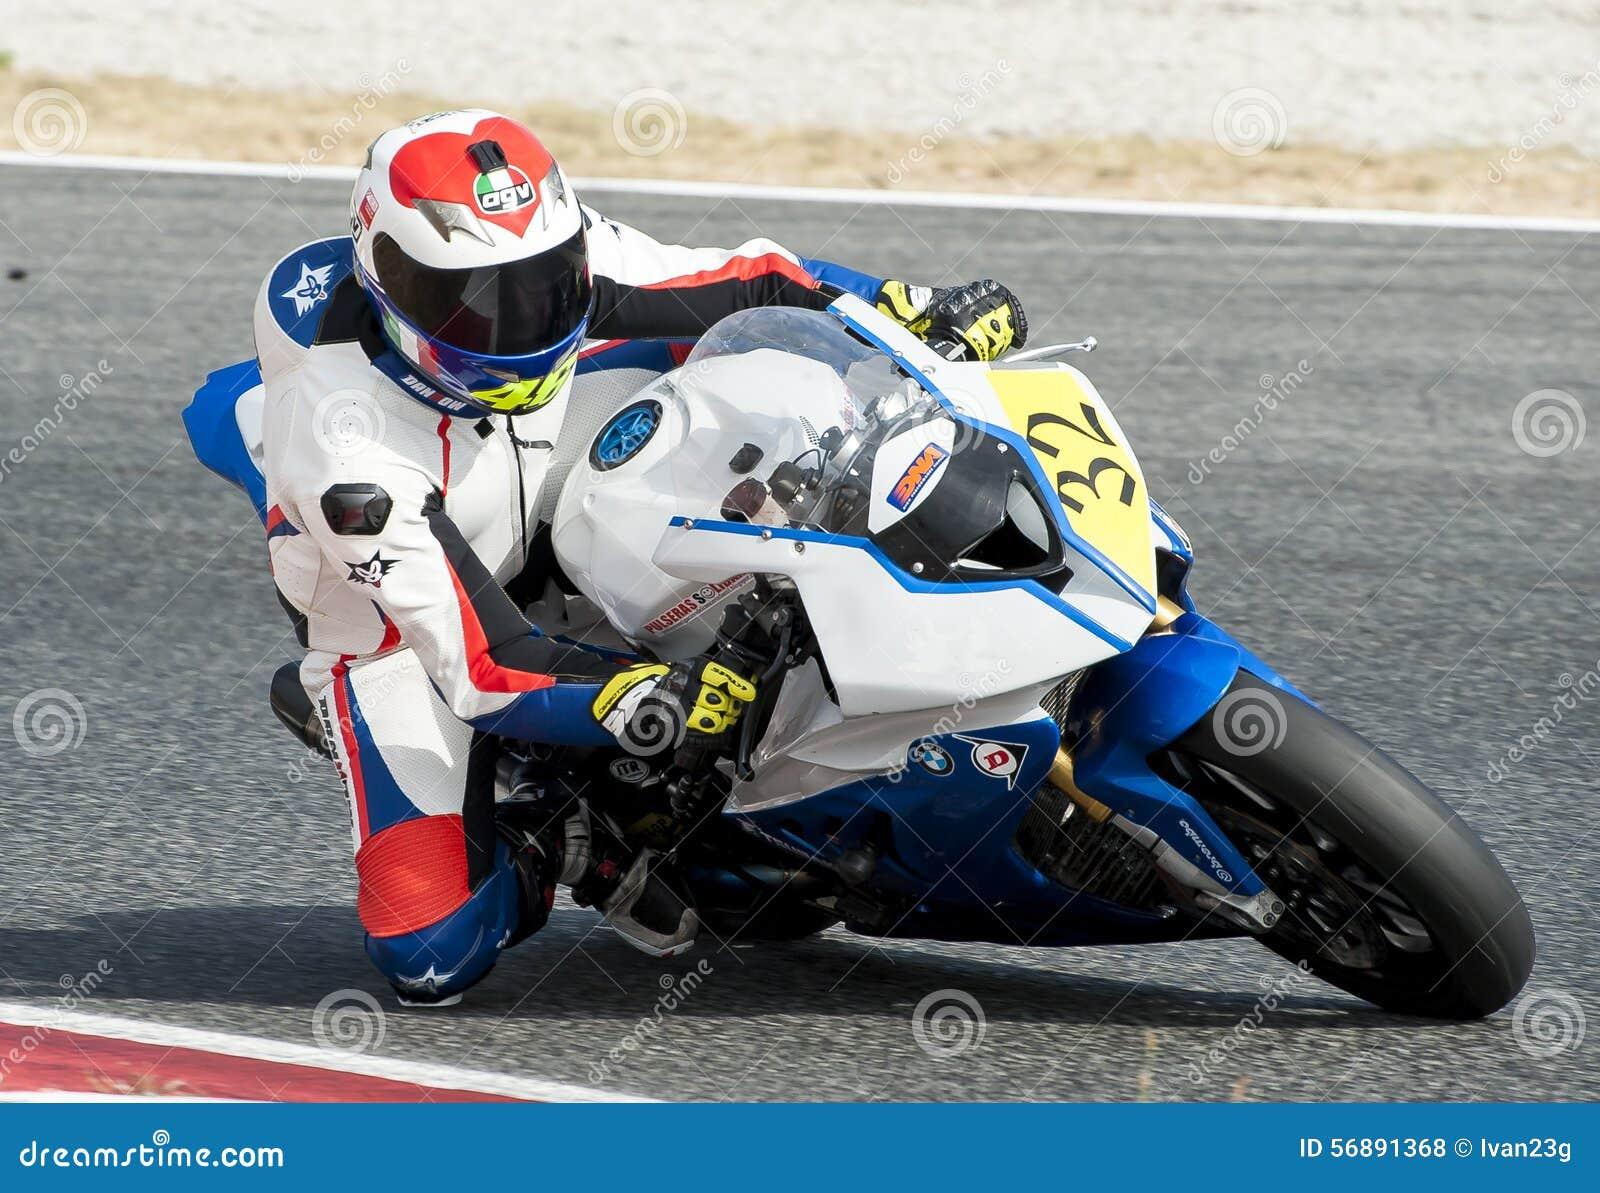 CAMPIONATO CATALANO DI MOTOCICLISMO - JAVIER POVES